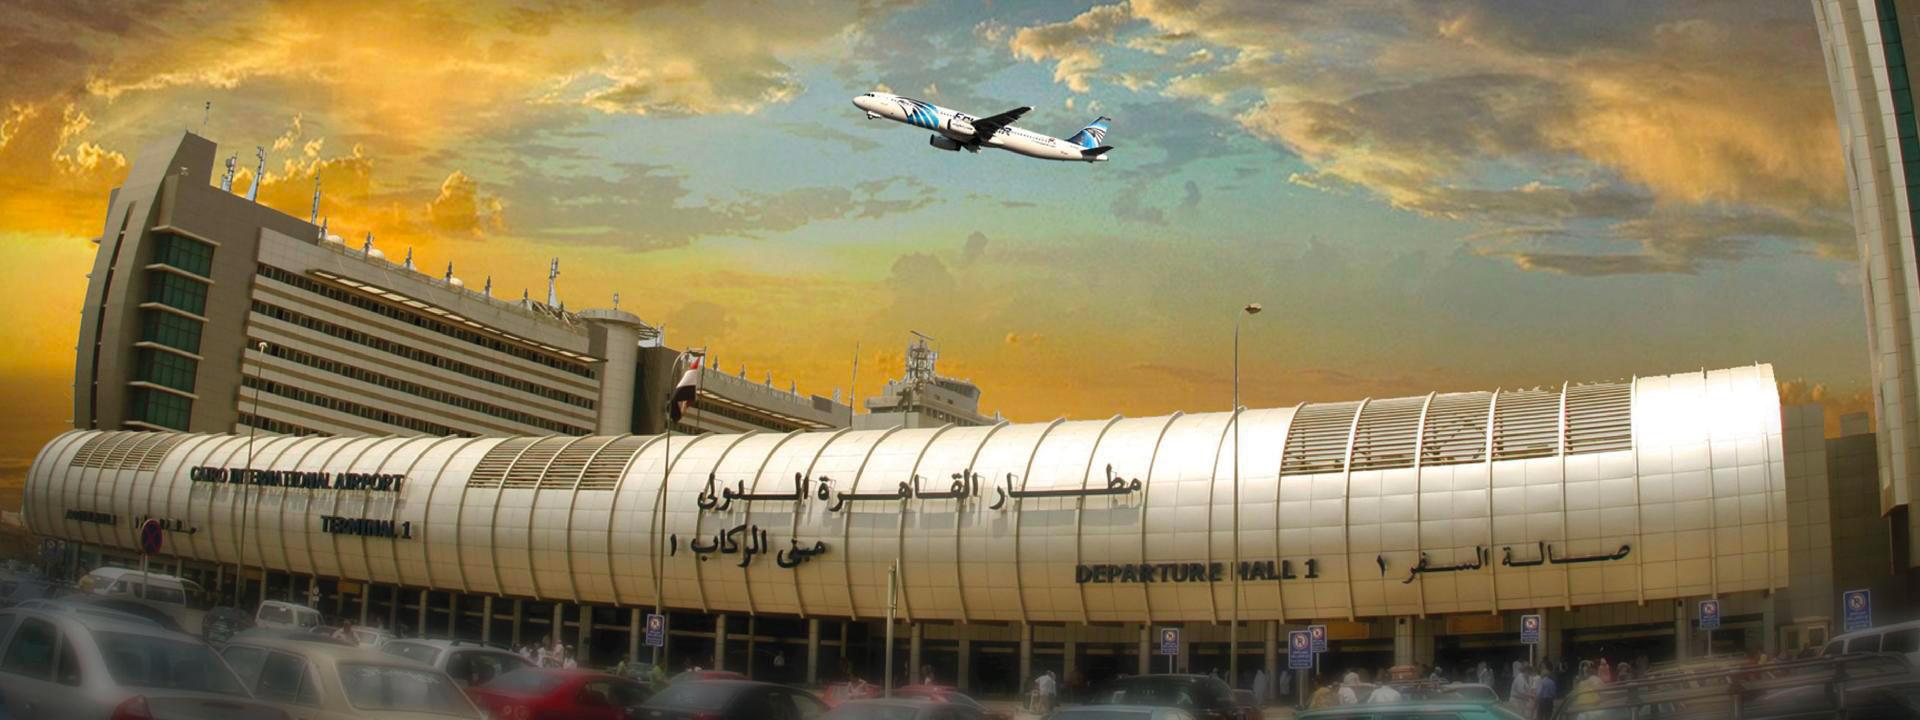 Cairo International Airport 2